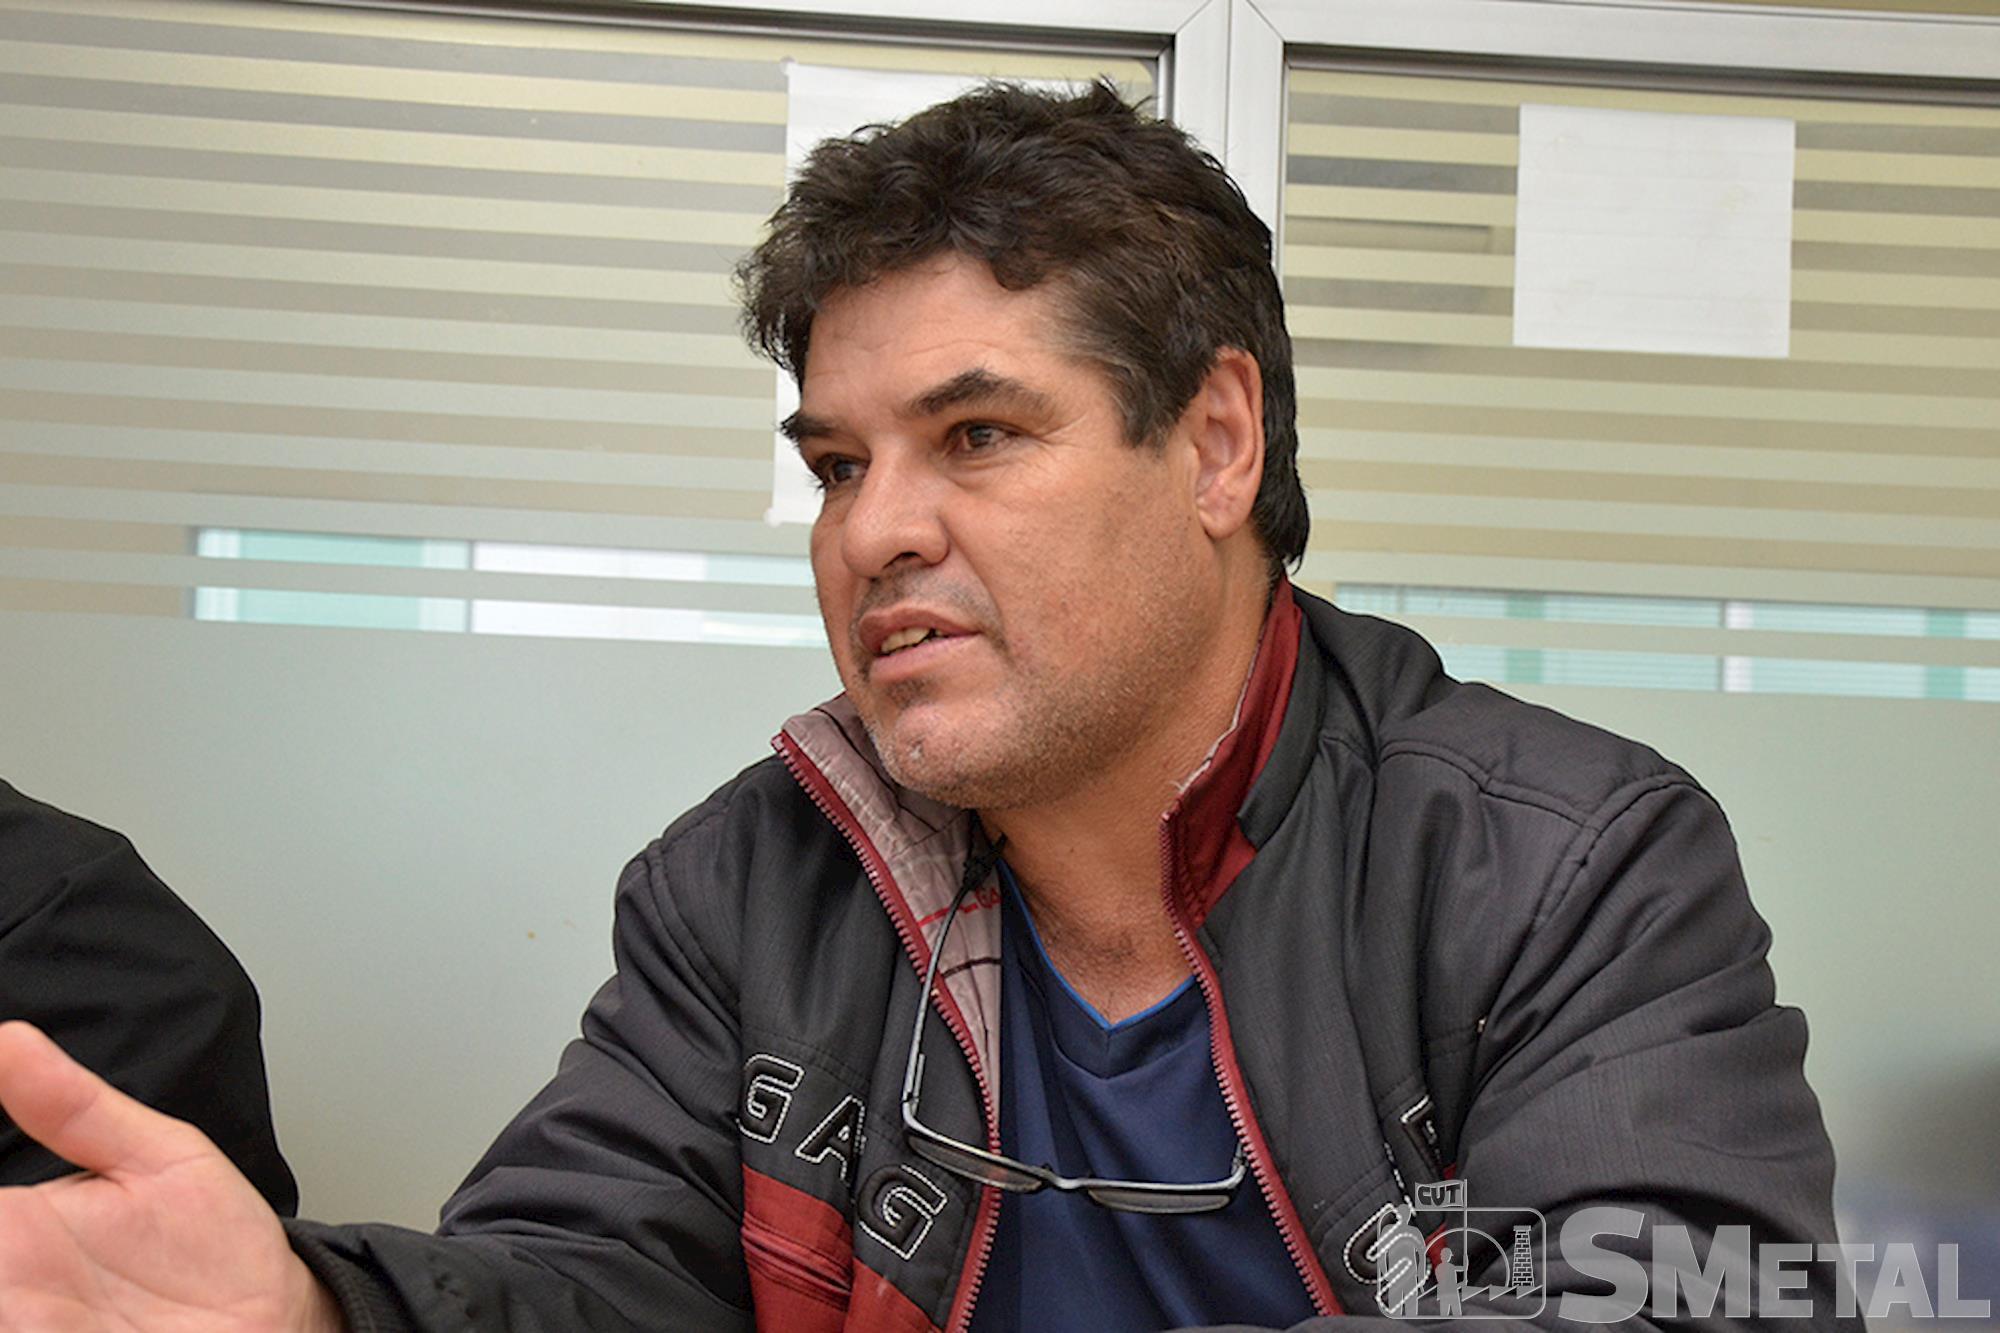 Coordenador regional do Sifuspesp,  Geraldo Arruda, Sistema prisional: um drama de toda a sociedade